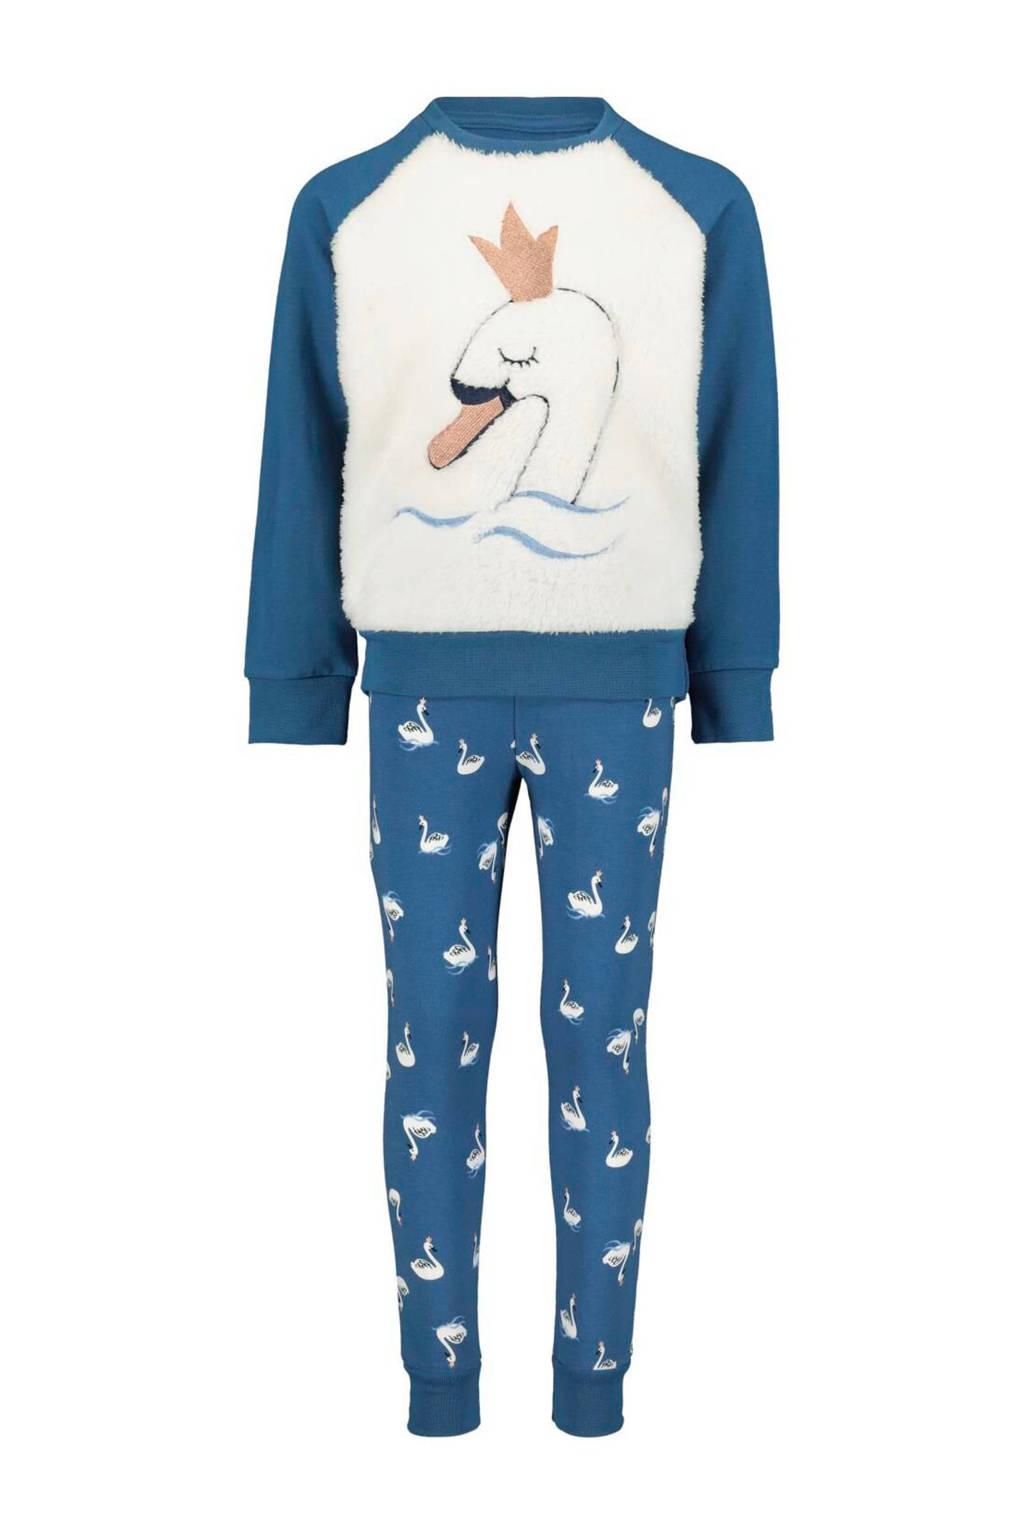 HEMA pyjama met teddy voorkant met zwaan blauw/wi, Blauw